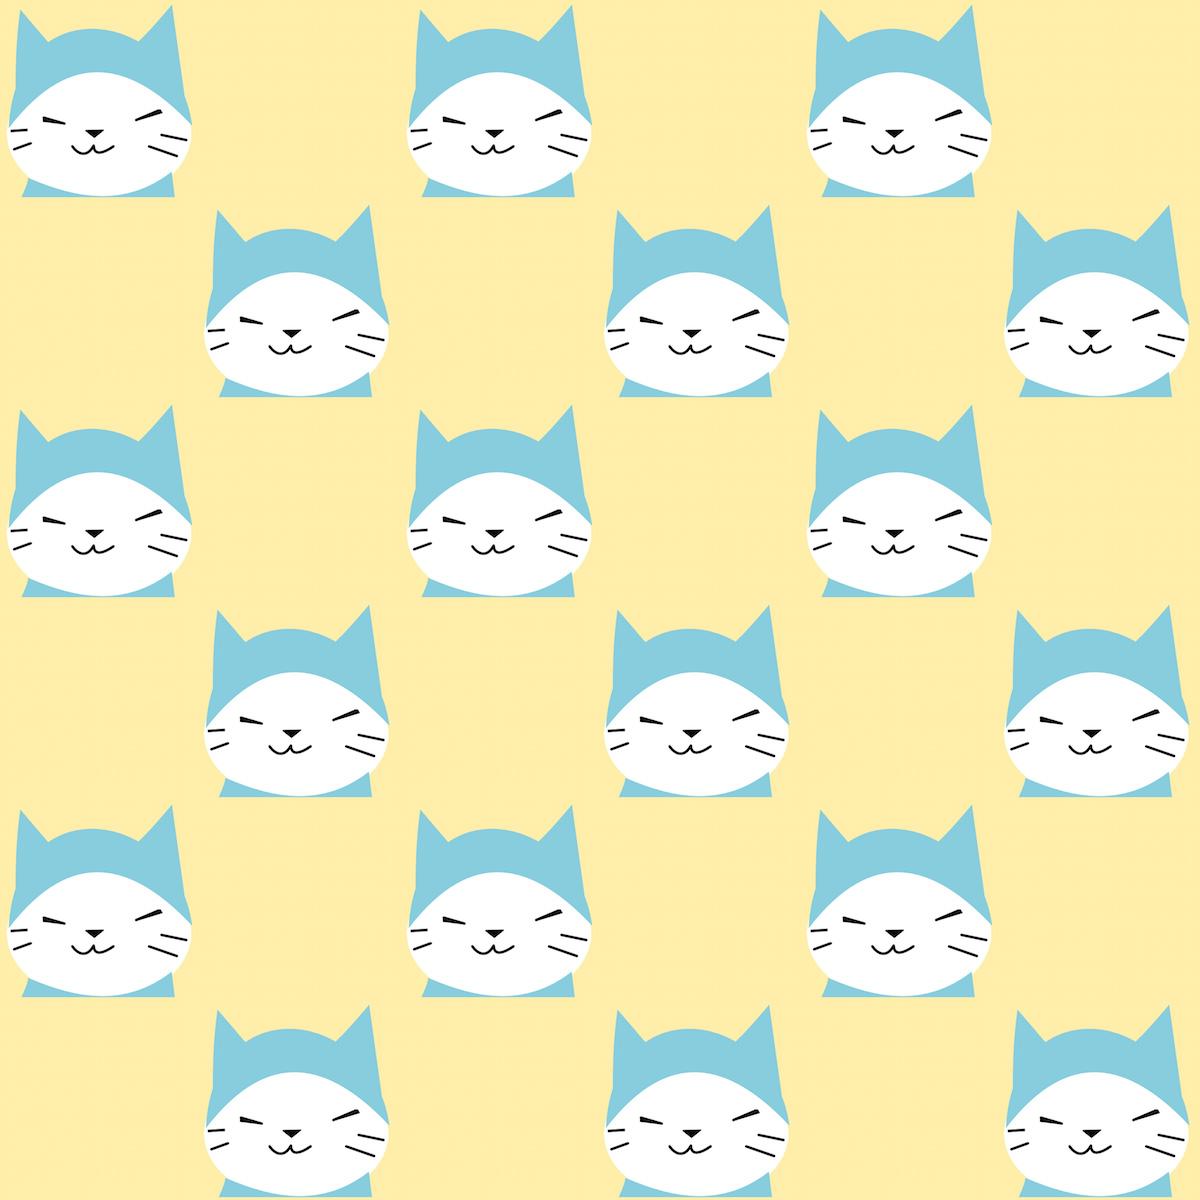 Scrapbook paper kawaii - Free Digital Kawaii Cat Scrapbooking Paper Ausdruckbares Geschenkpapier Freebie